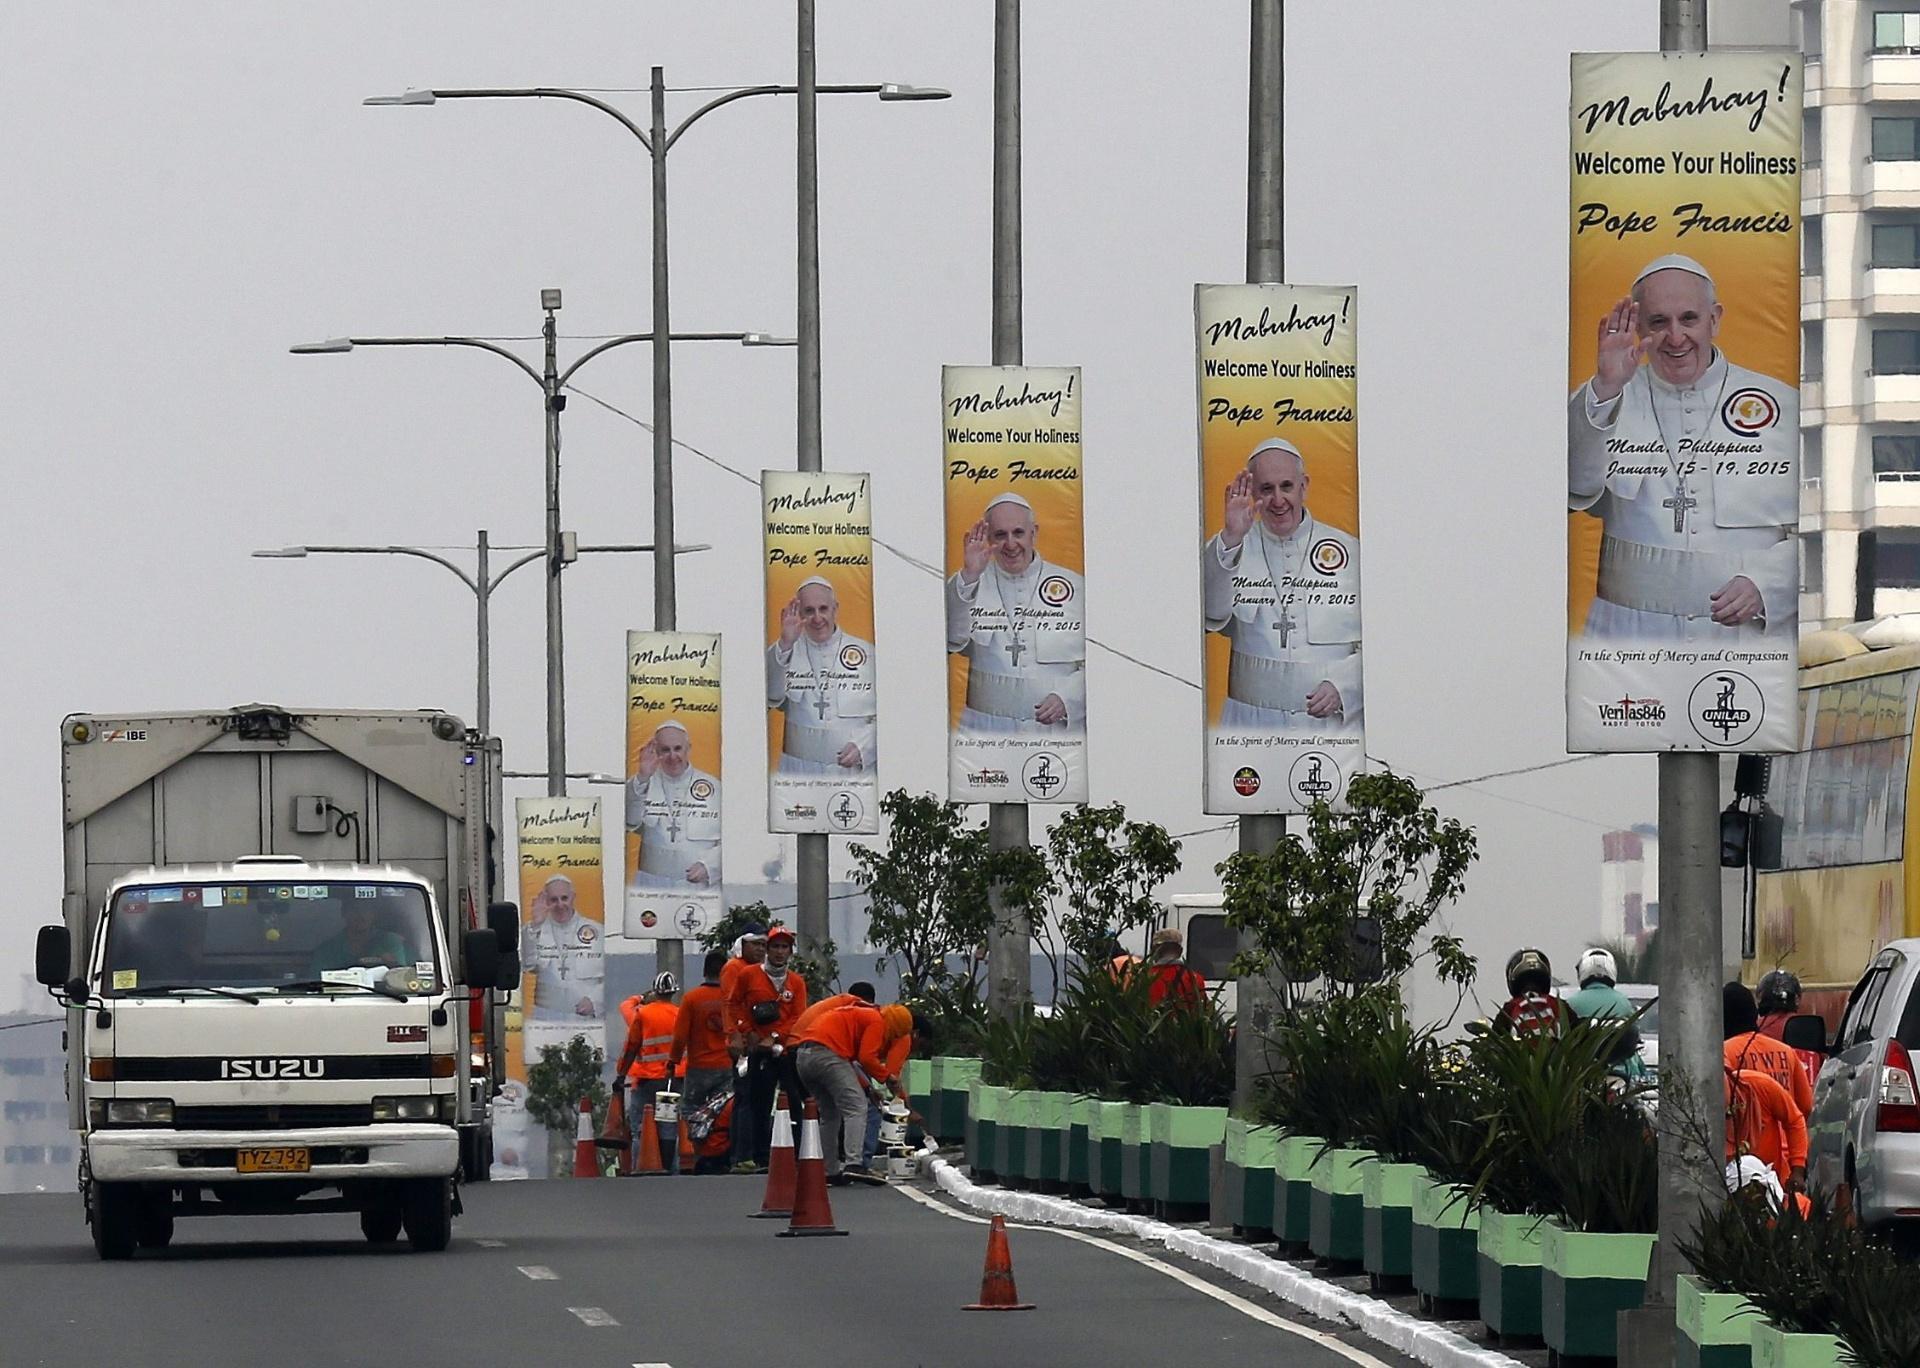 6.jan.2015 - Cartazes com a imagem do Papa Francisco são vistos na cidade de Manila, nas Filipinas, nesta terça-feira (6). O pontífice visita o país nos dias 15 a 19 de janeiro